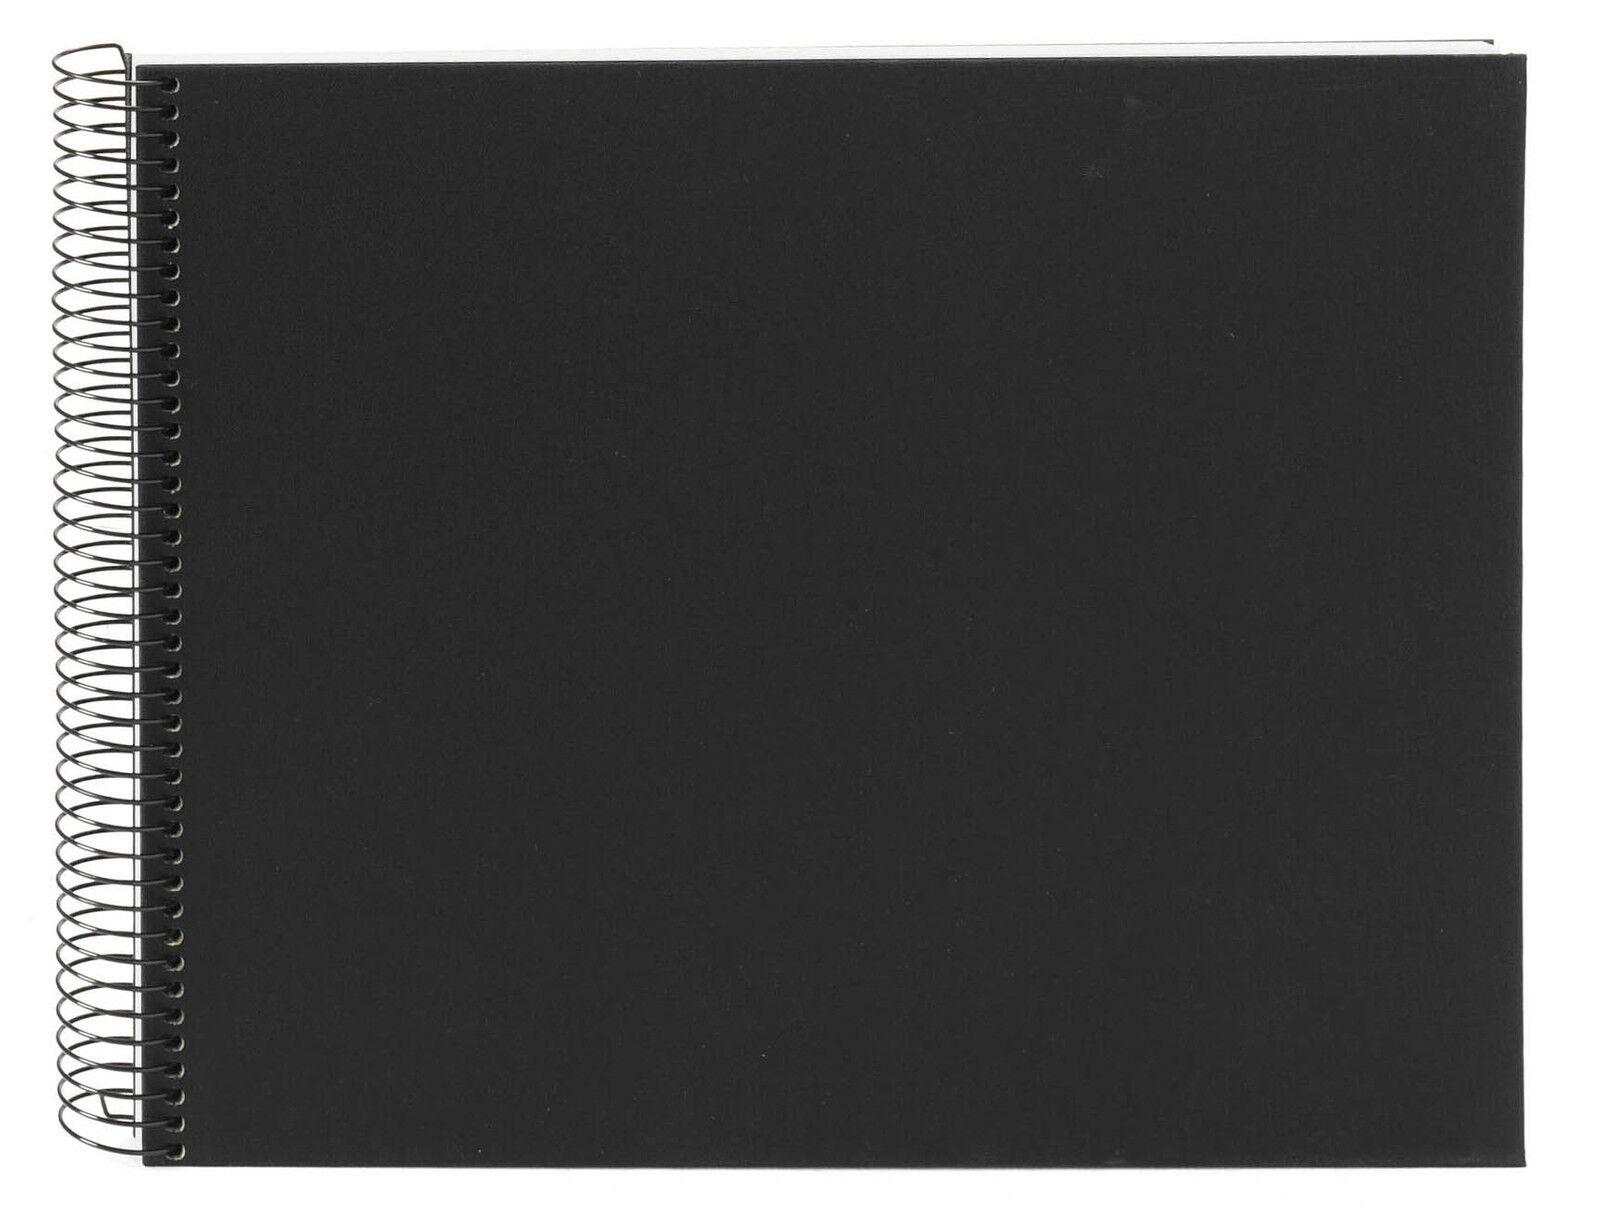 goldbuch spiralalbum bella vista schwarz 35x30cm wei e seiten 25377 fotoalbum ebay. Black Bedroom Furniture Sets. Home Design Ideas